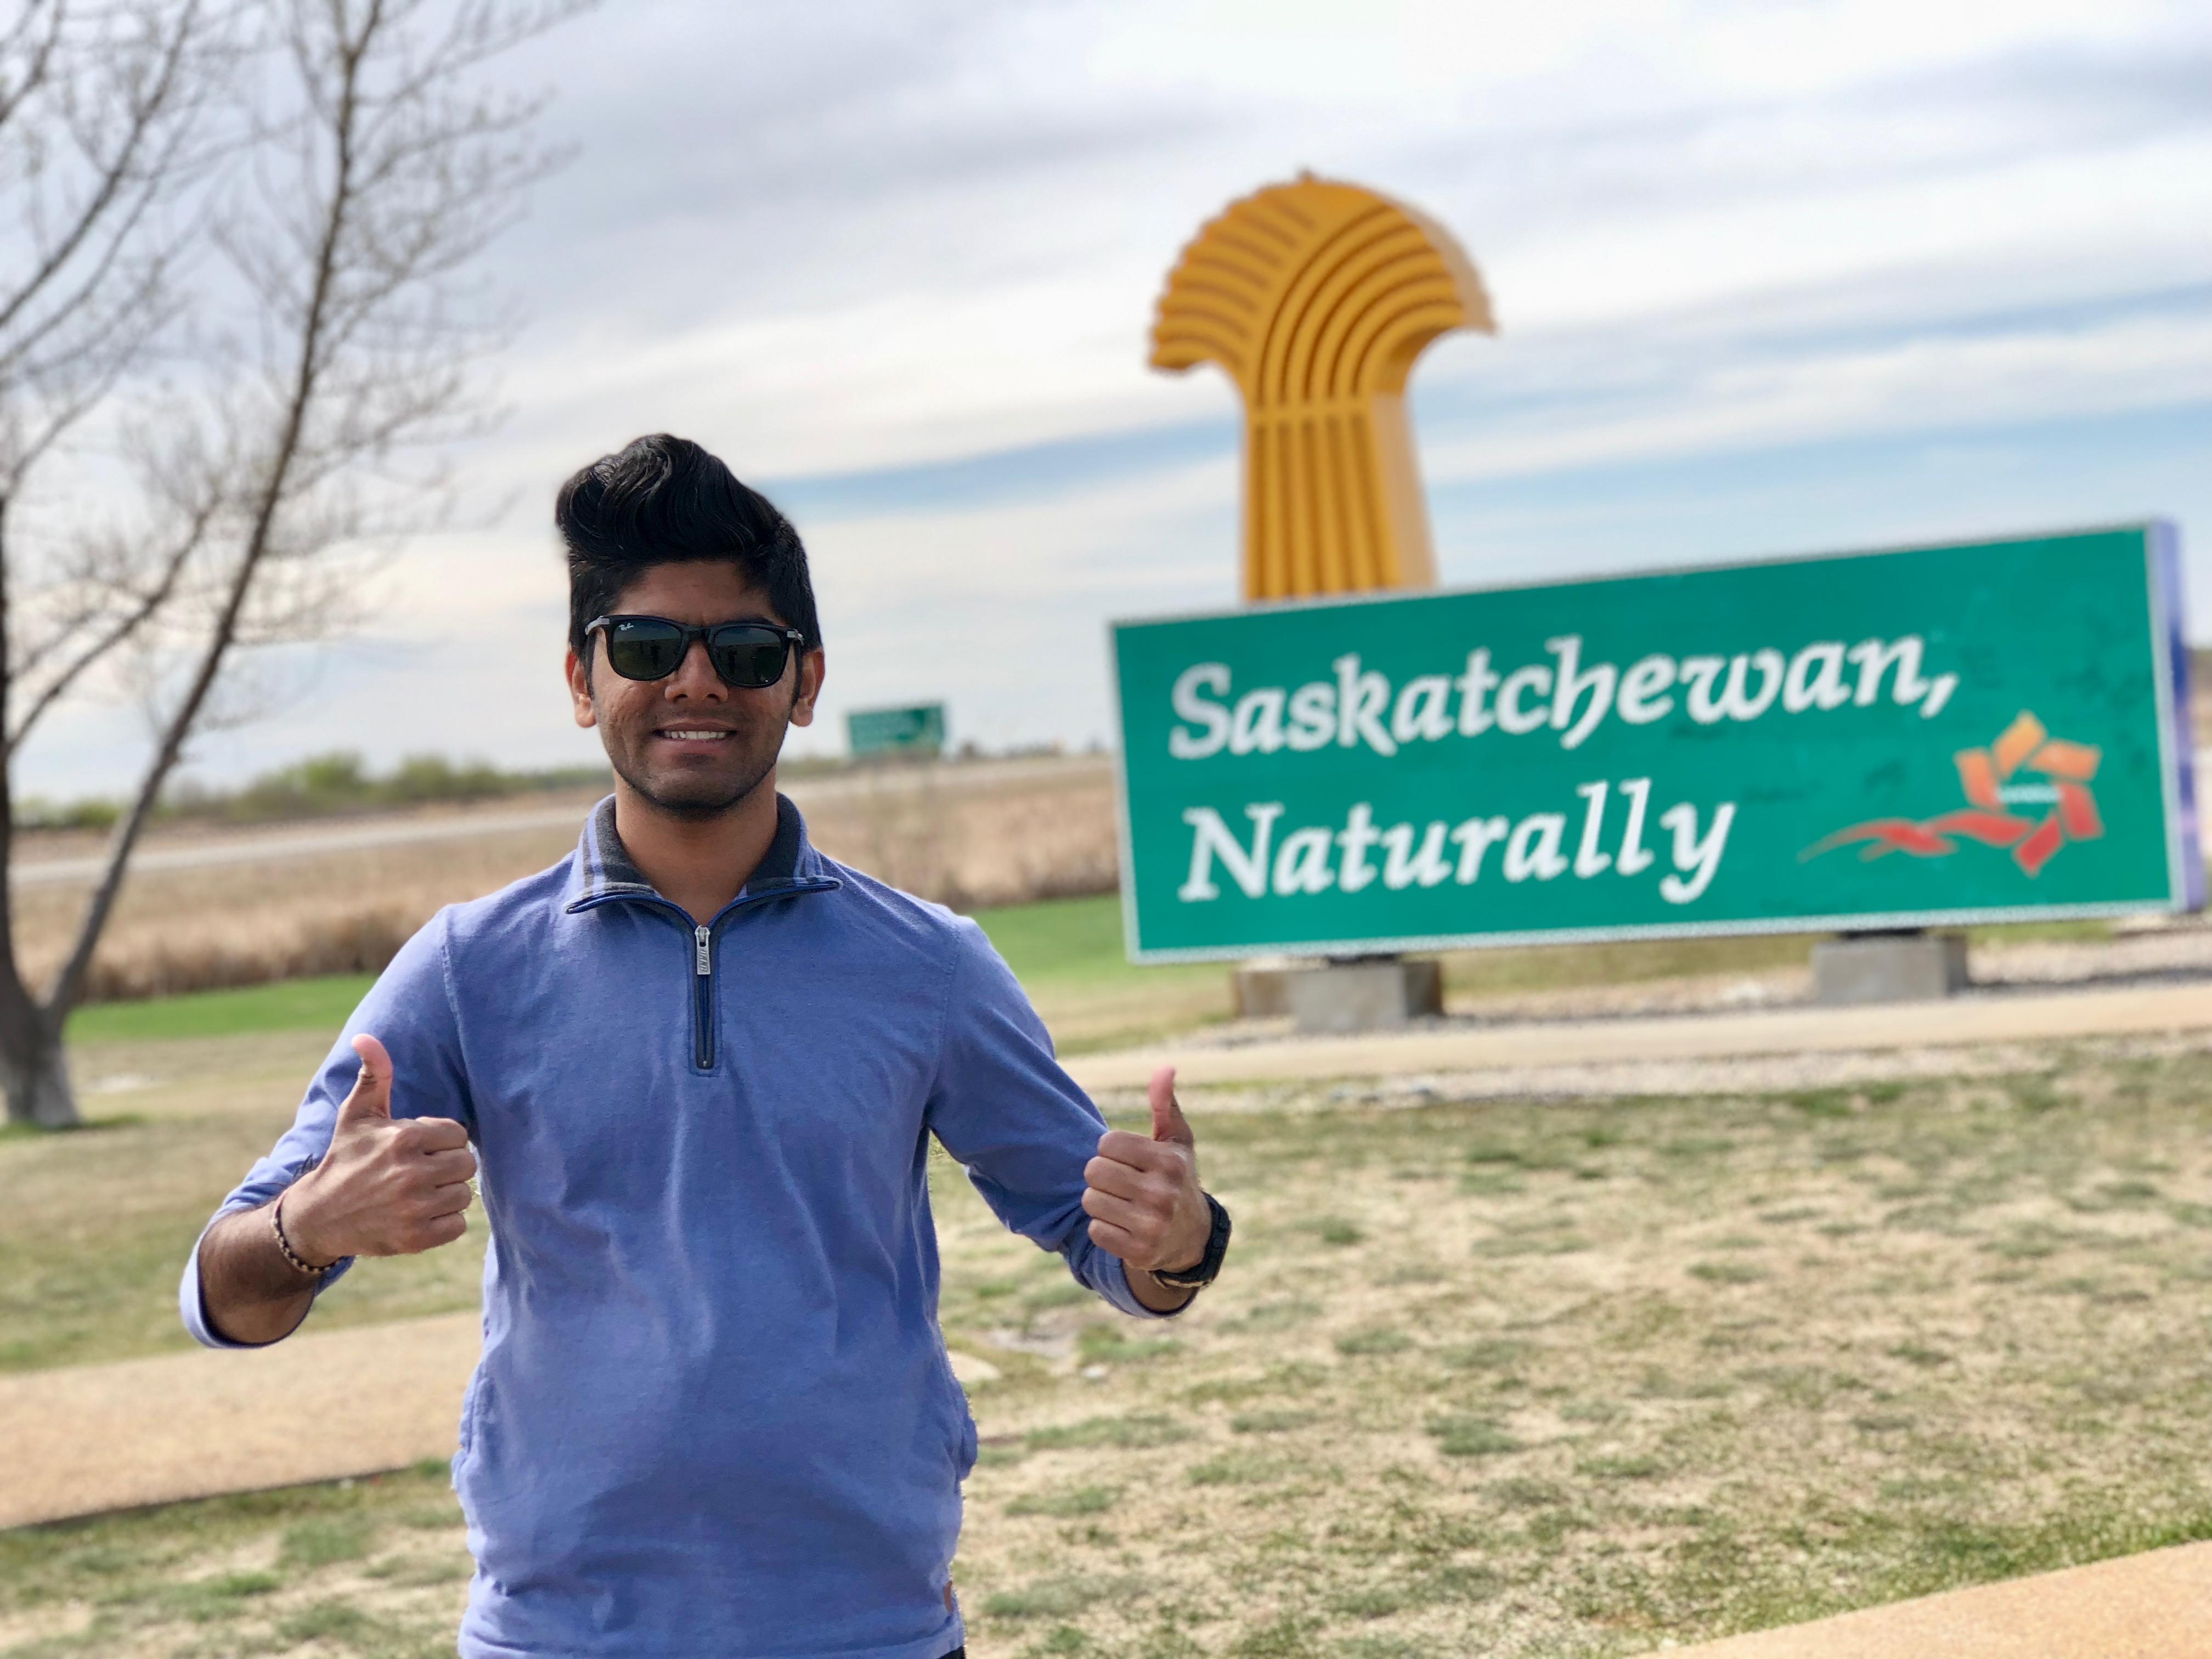 Saskatchewan - Land of Living Skies